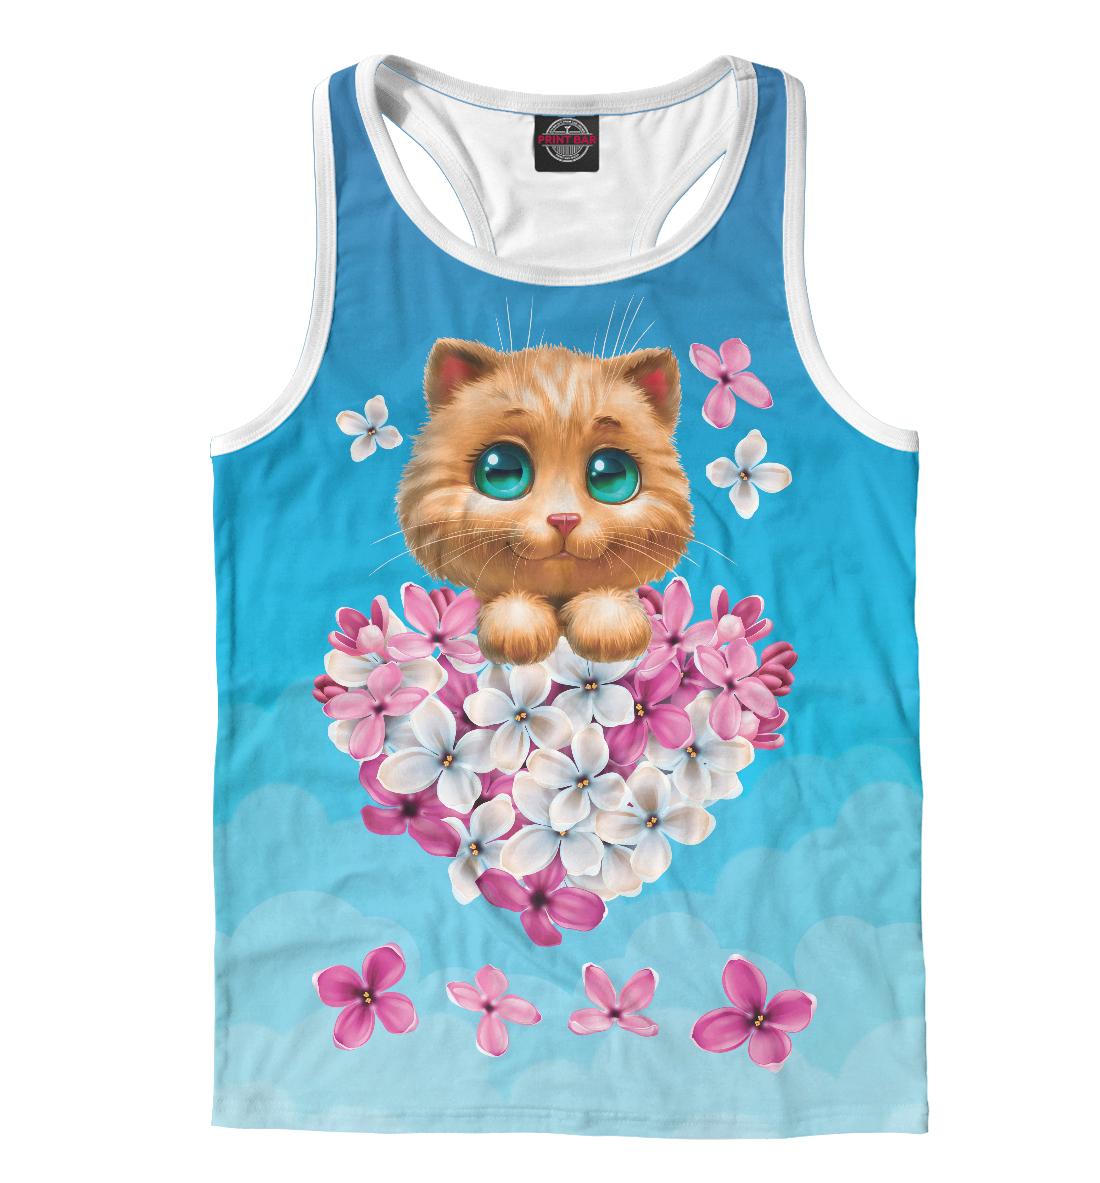 Котенок и сердечко из цветов, Printbar, Майки борцовки, CAT-225513-mayb-2  - купить со скидкой